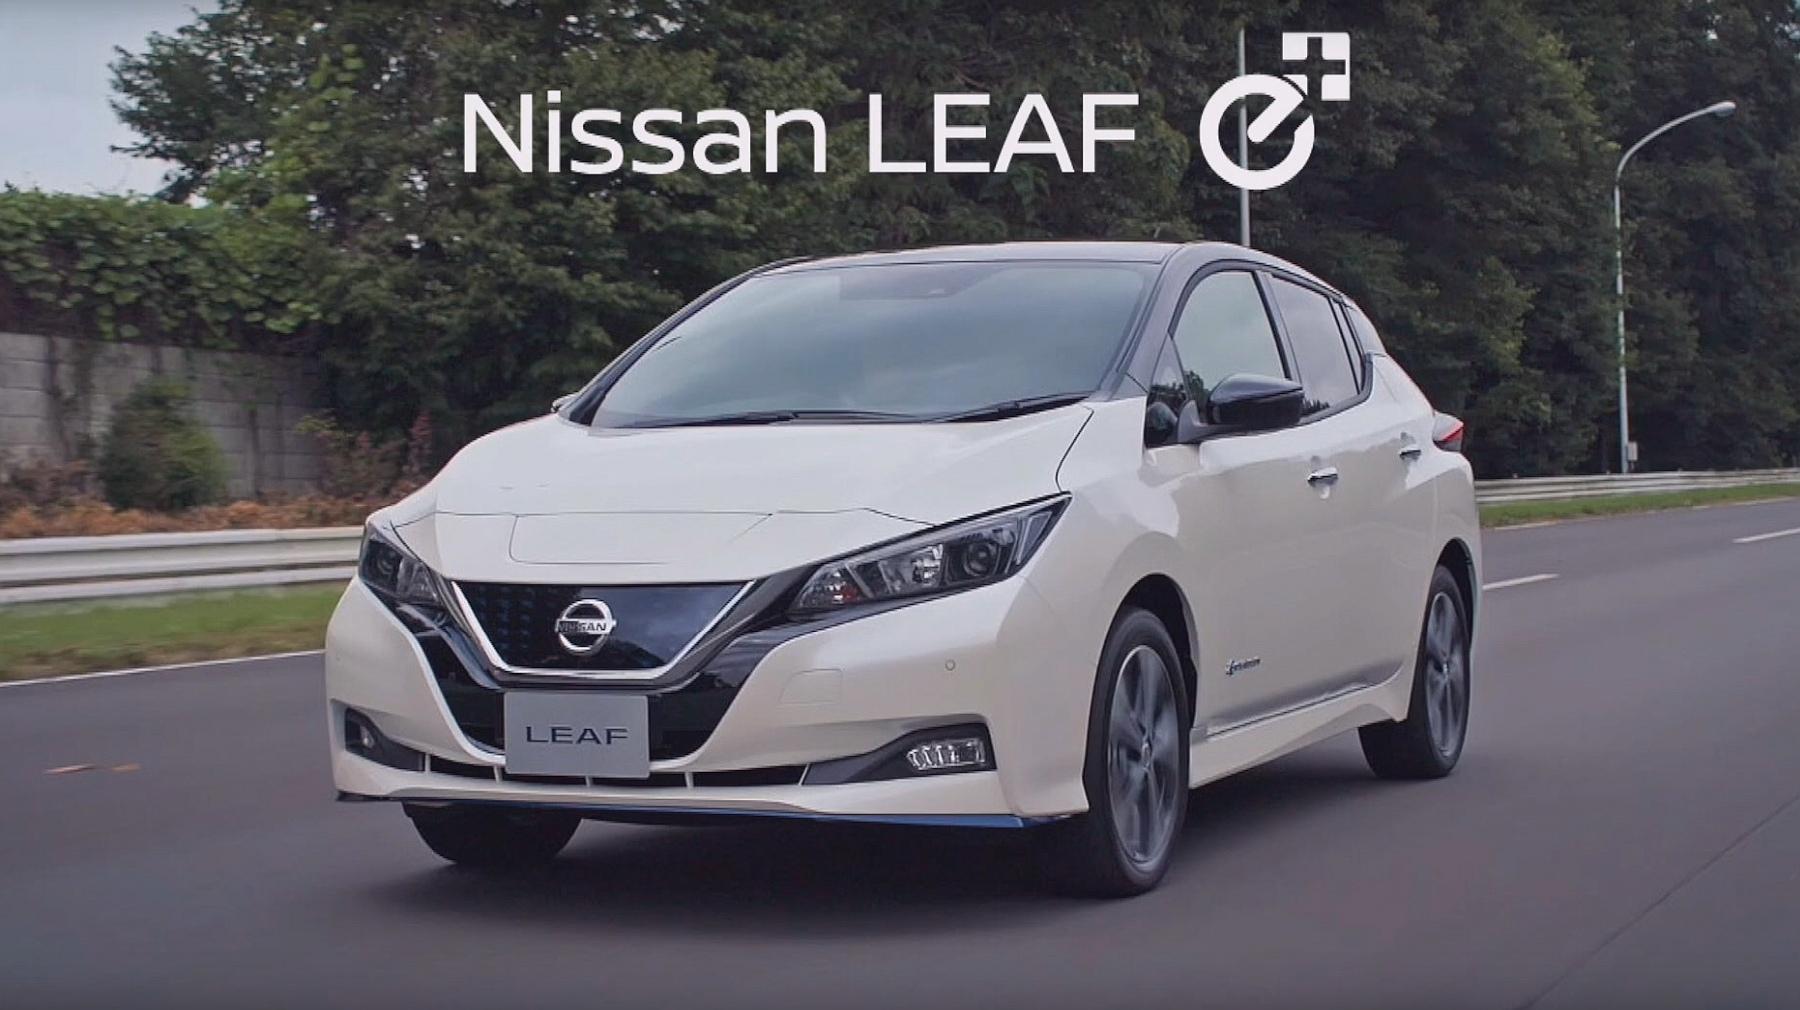 nissan leaf e+ / eplus: cena od 201 200 zł (3.zero), bateria 62 kwh